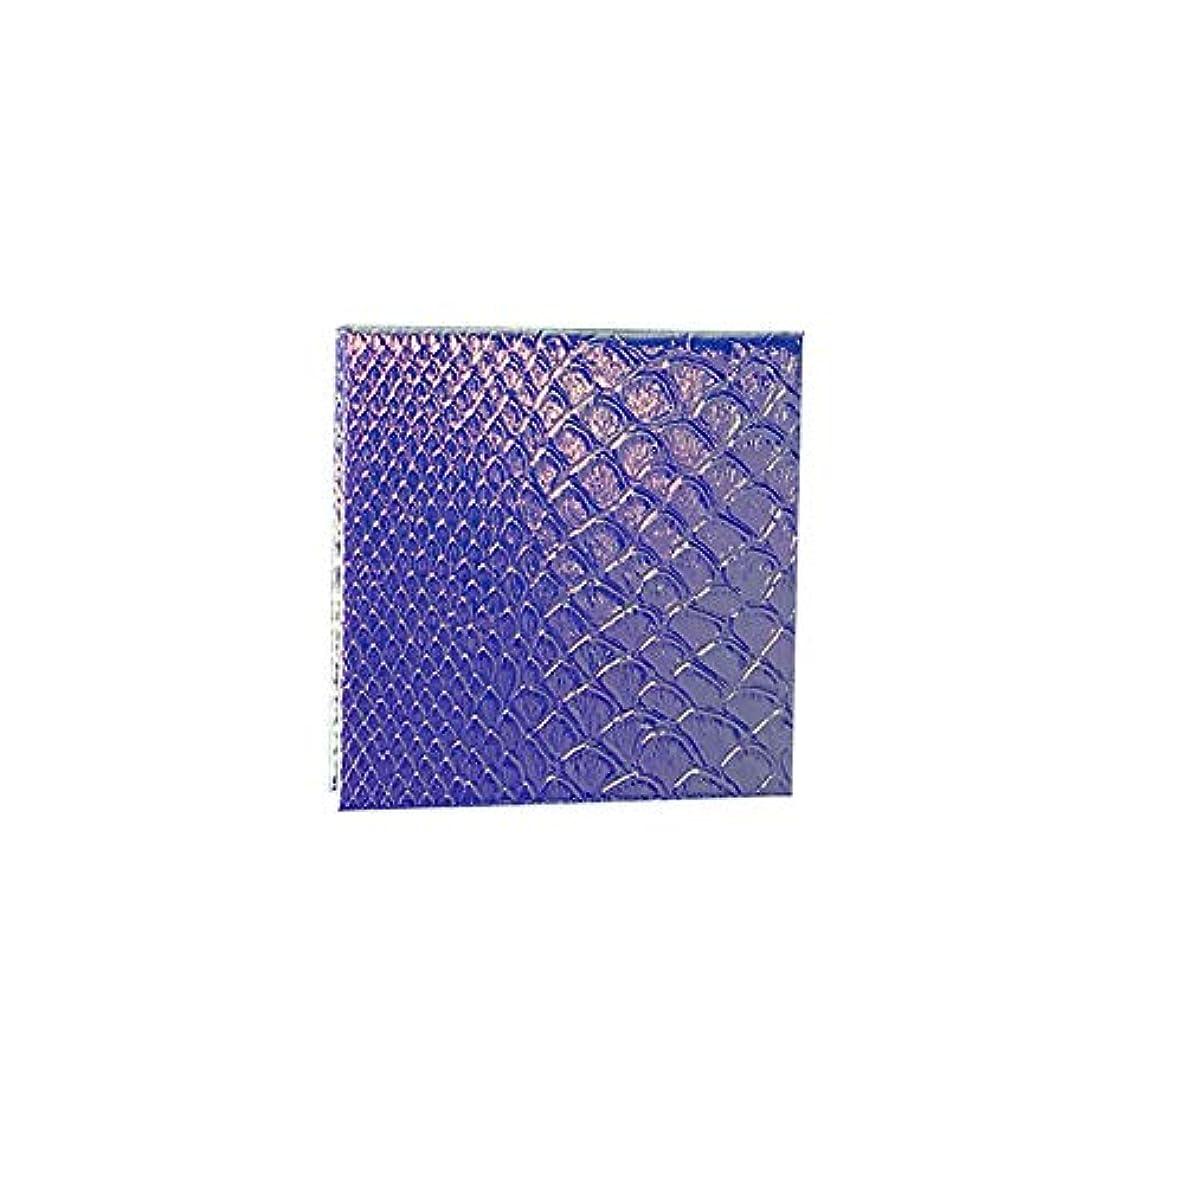 促進する鉛筆呼び起こす空の化粧アイシャドーパレット磁気空パレット接着剤空のパレット金属ステッカー空のパレットキット(S)